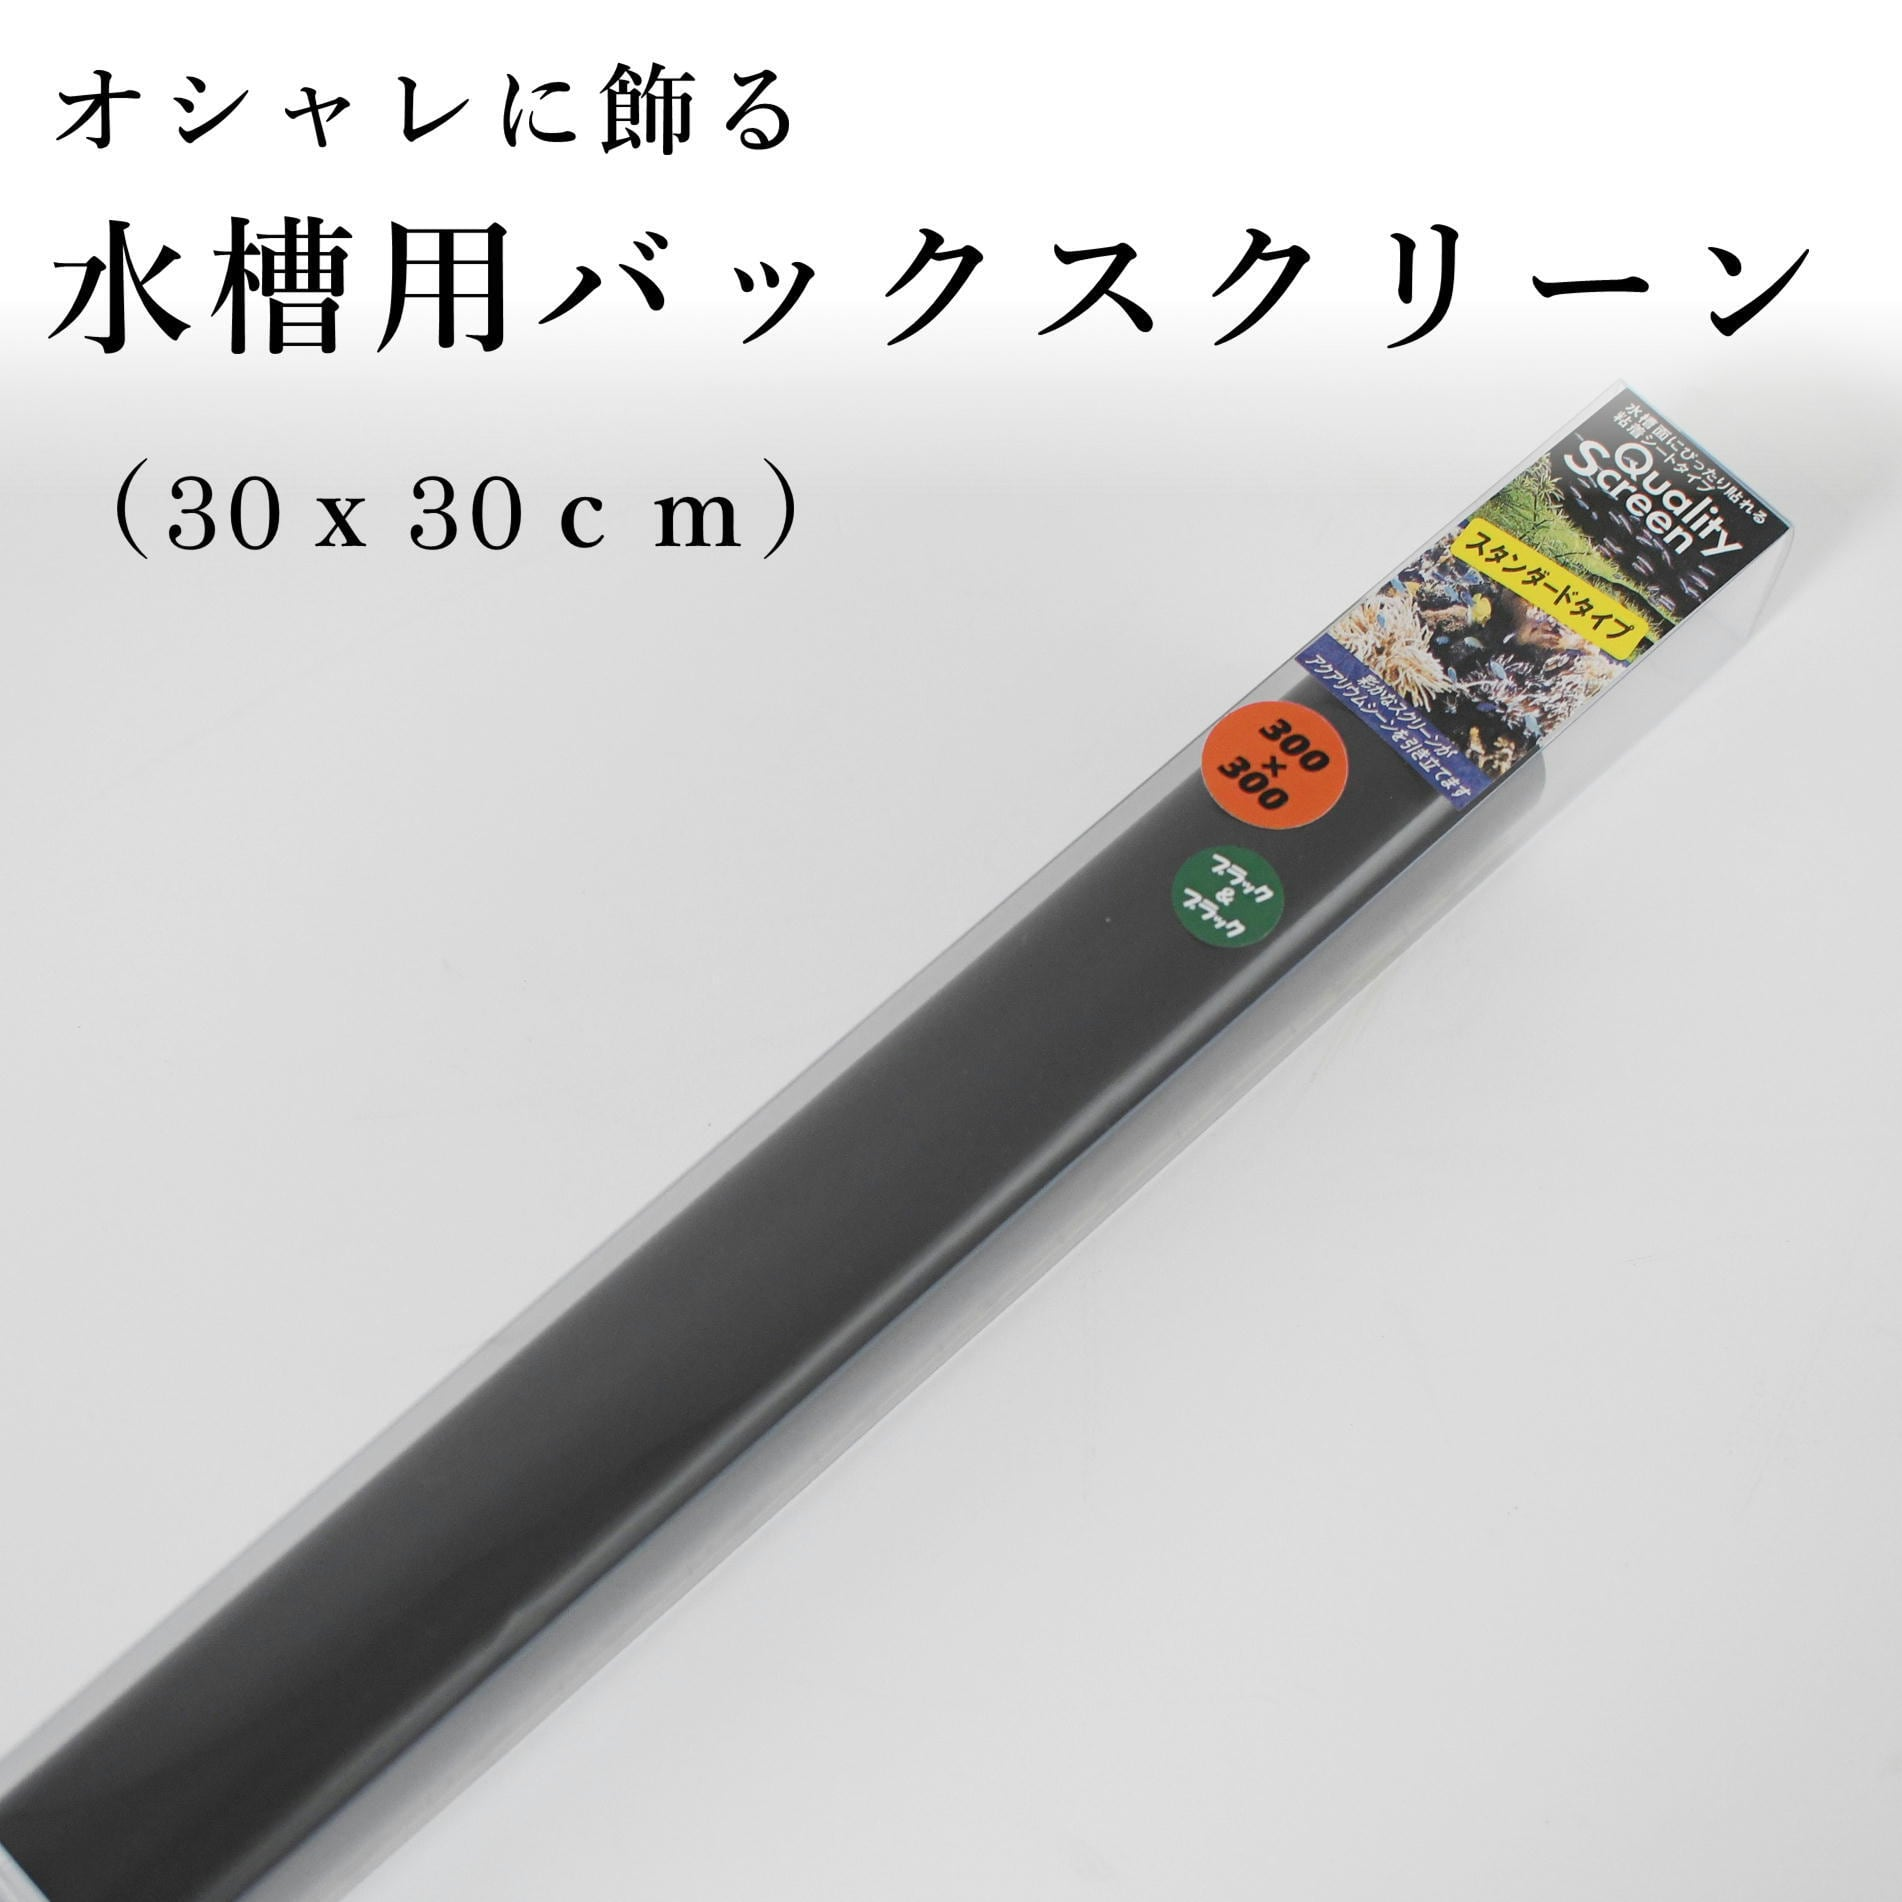 水槽用バックスクリーン Black(300x300mm)